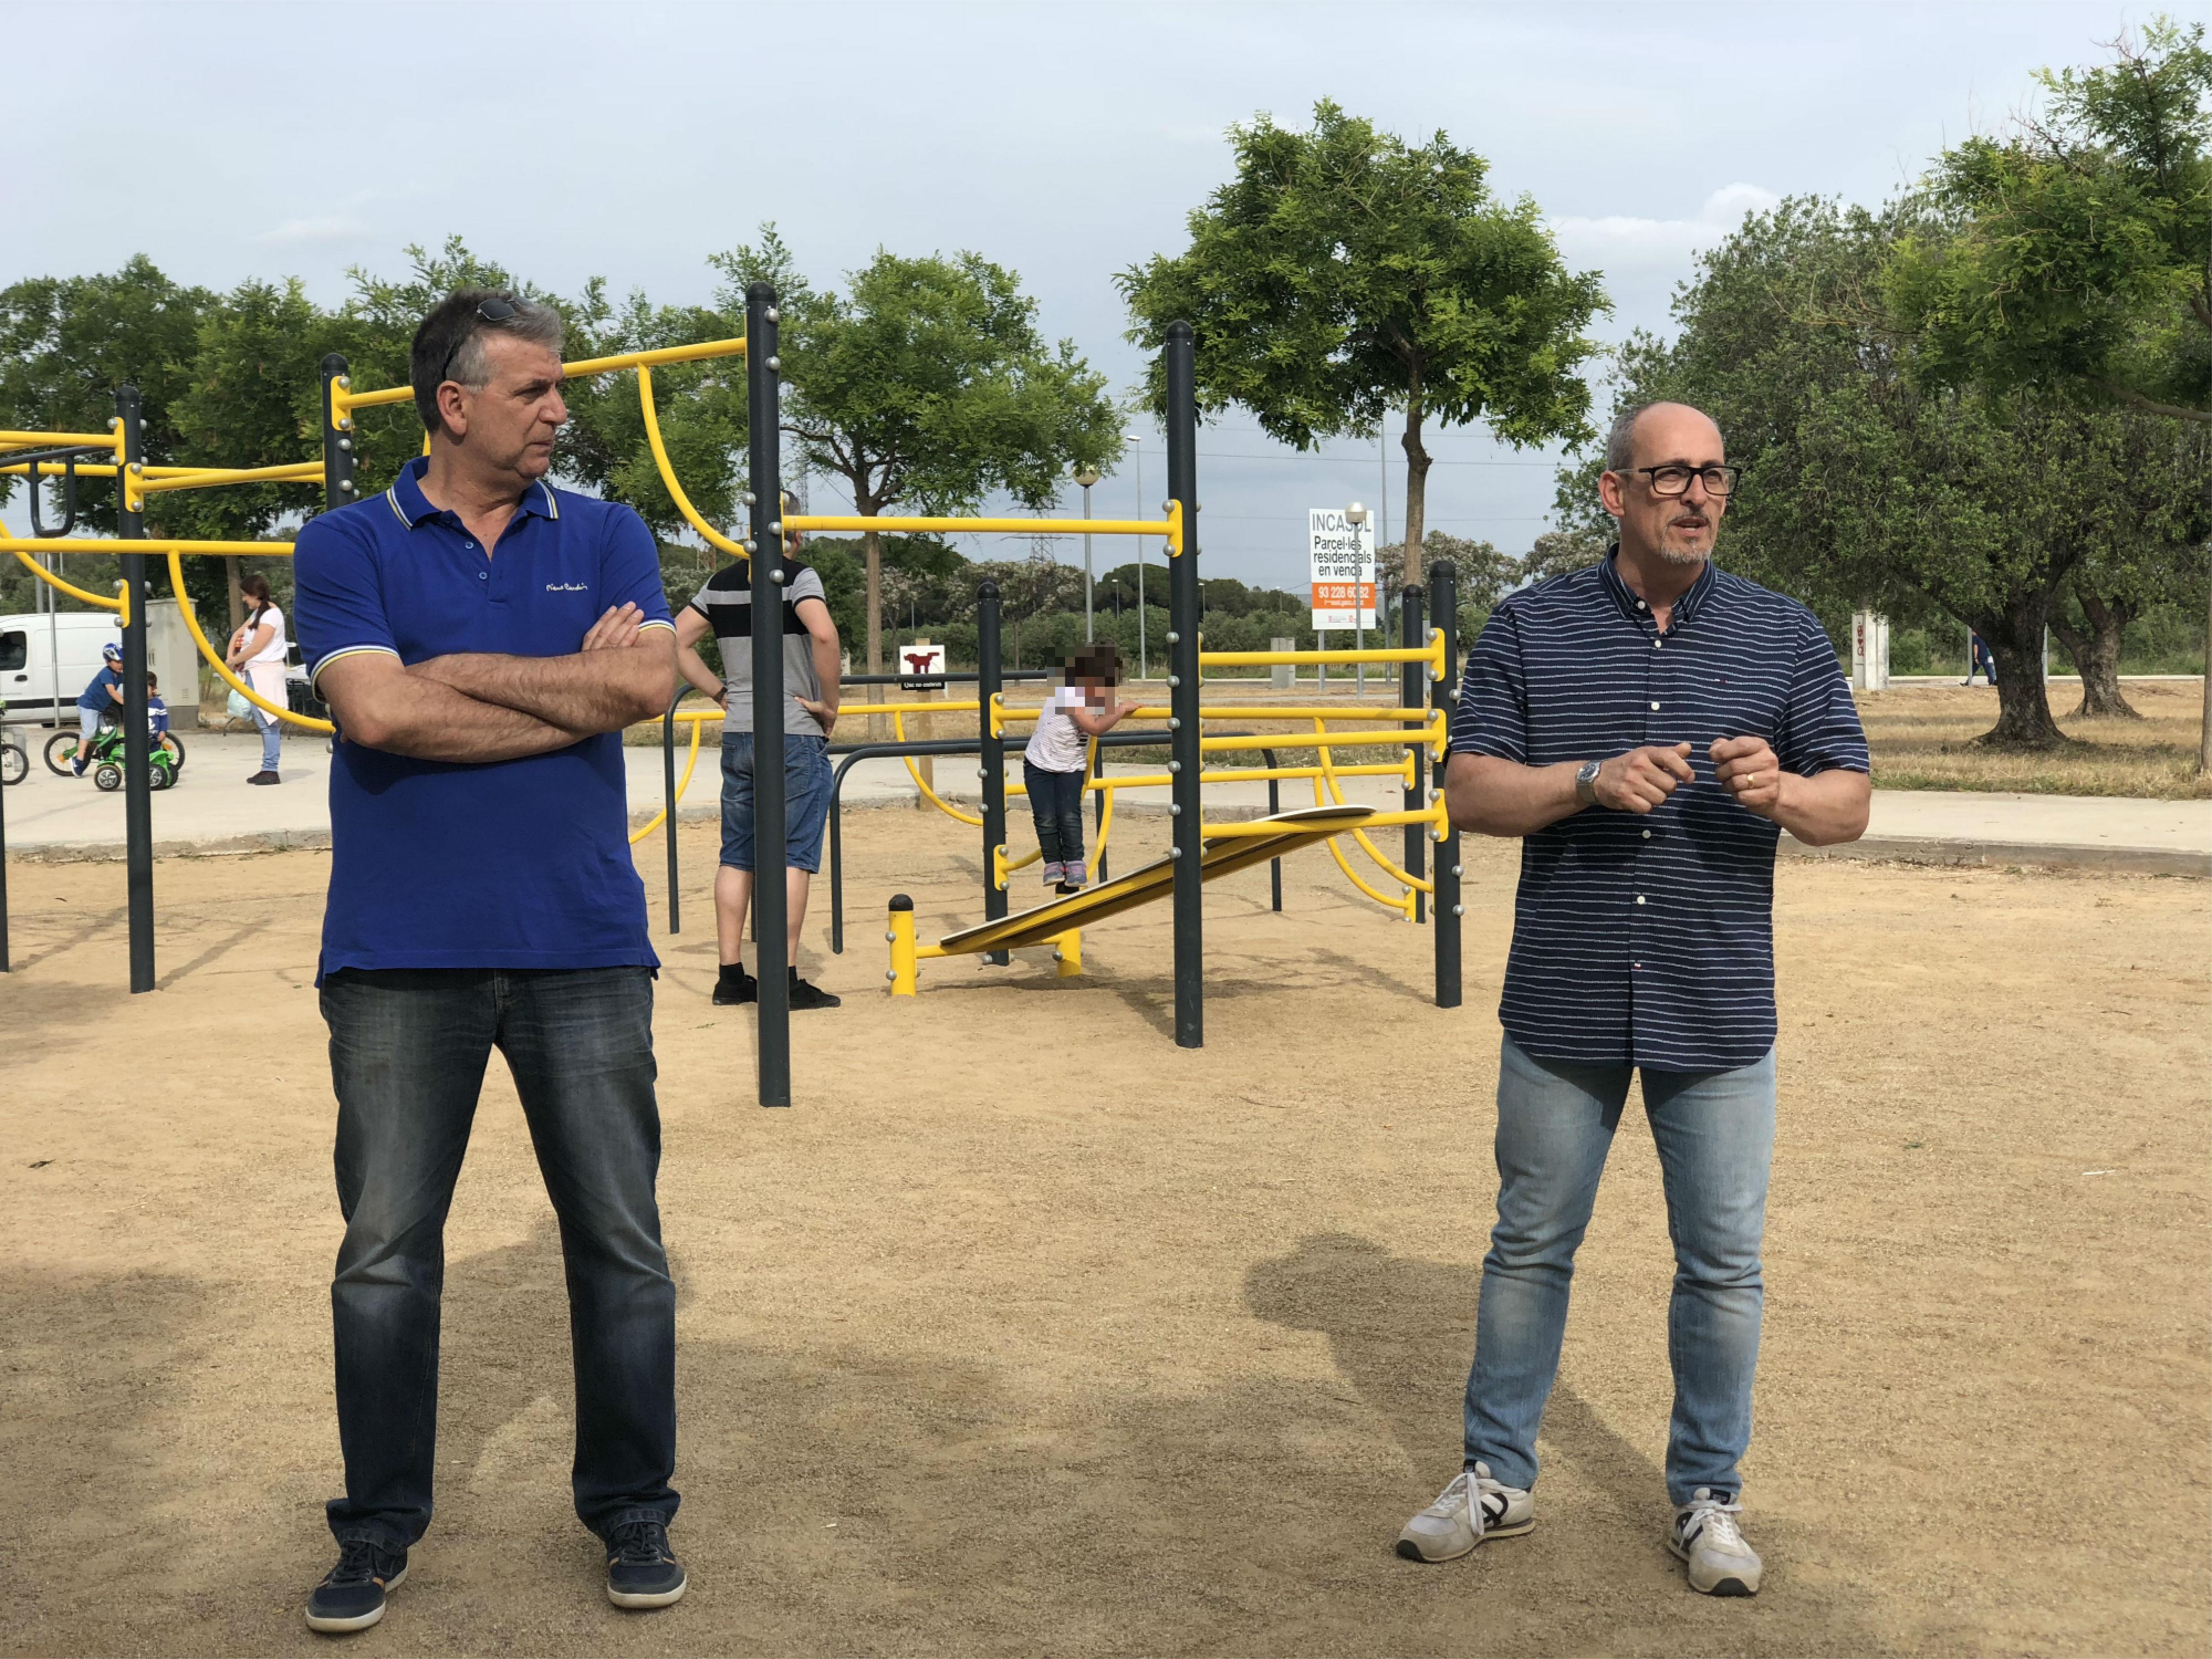 L'Ajuntament de Banyeres del Penedès inaugura el parc de cal·listènia i street workout